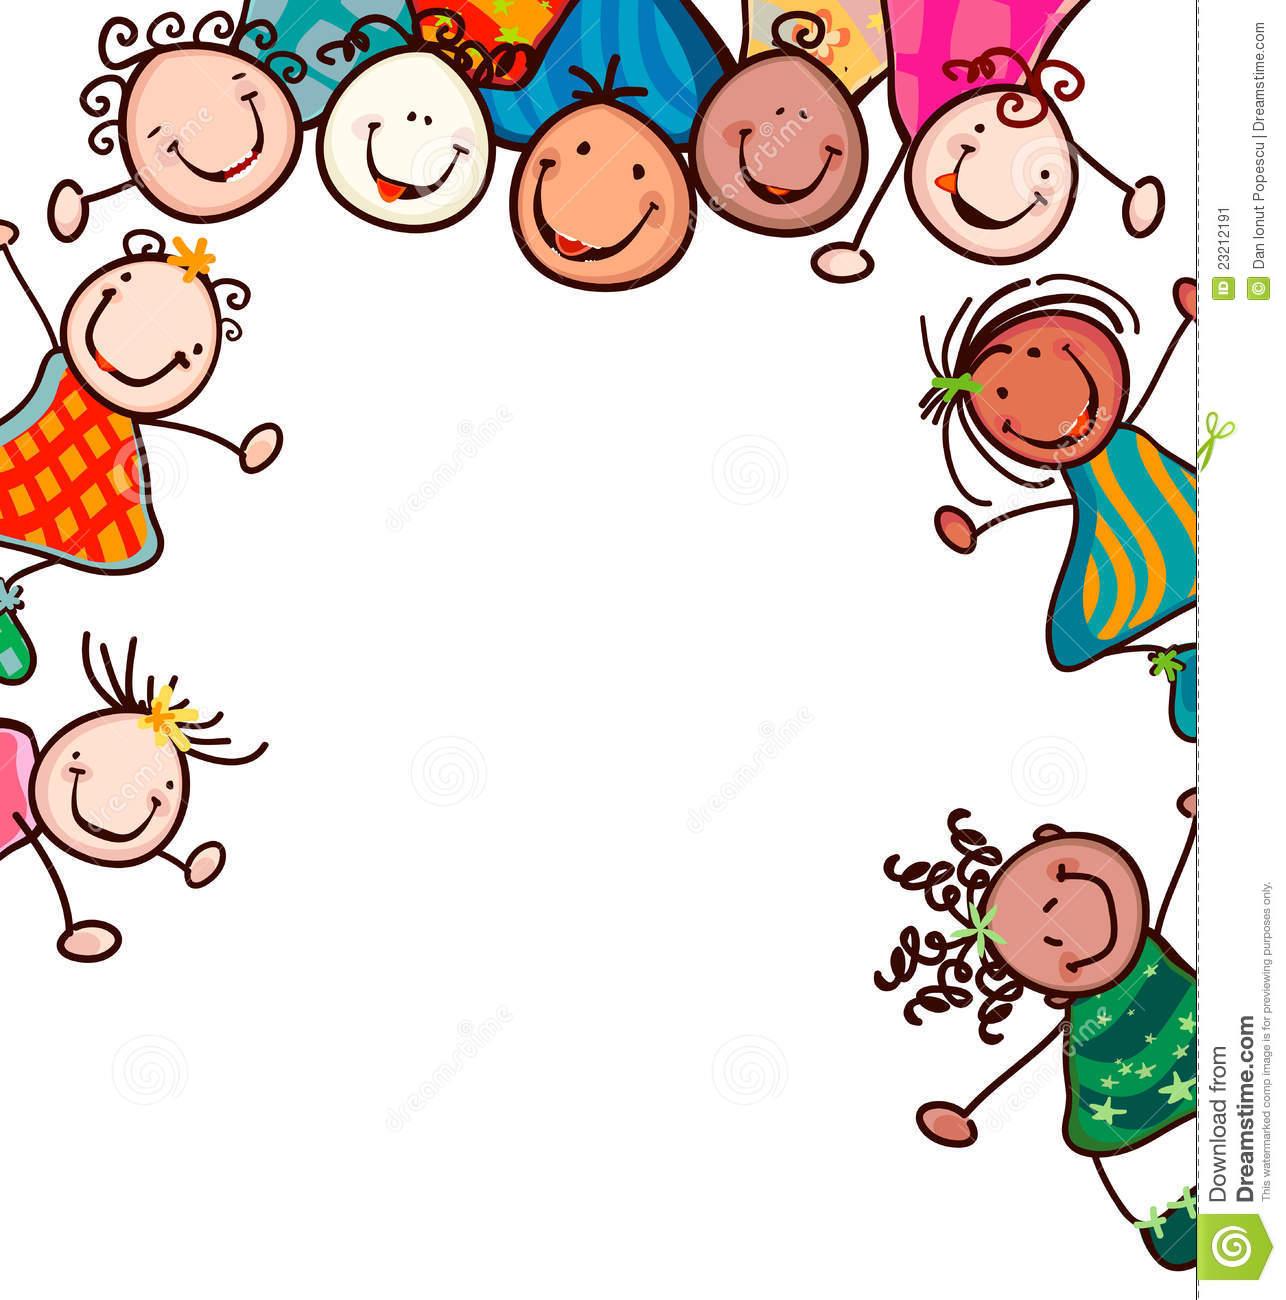 Clip art, Children holding .